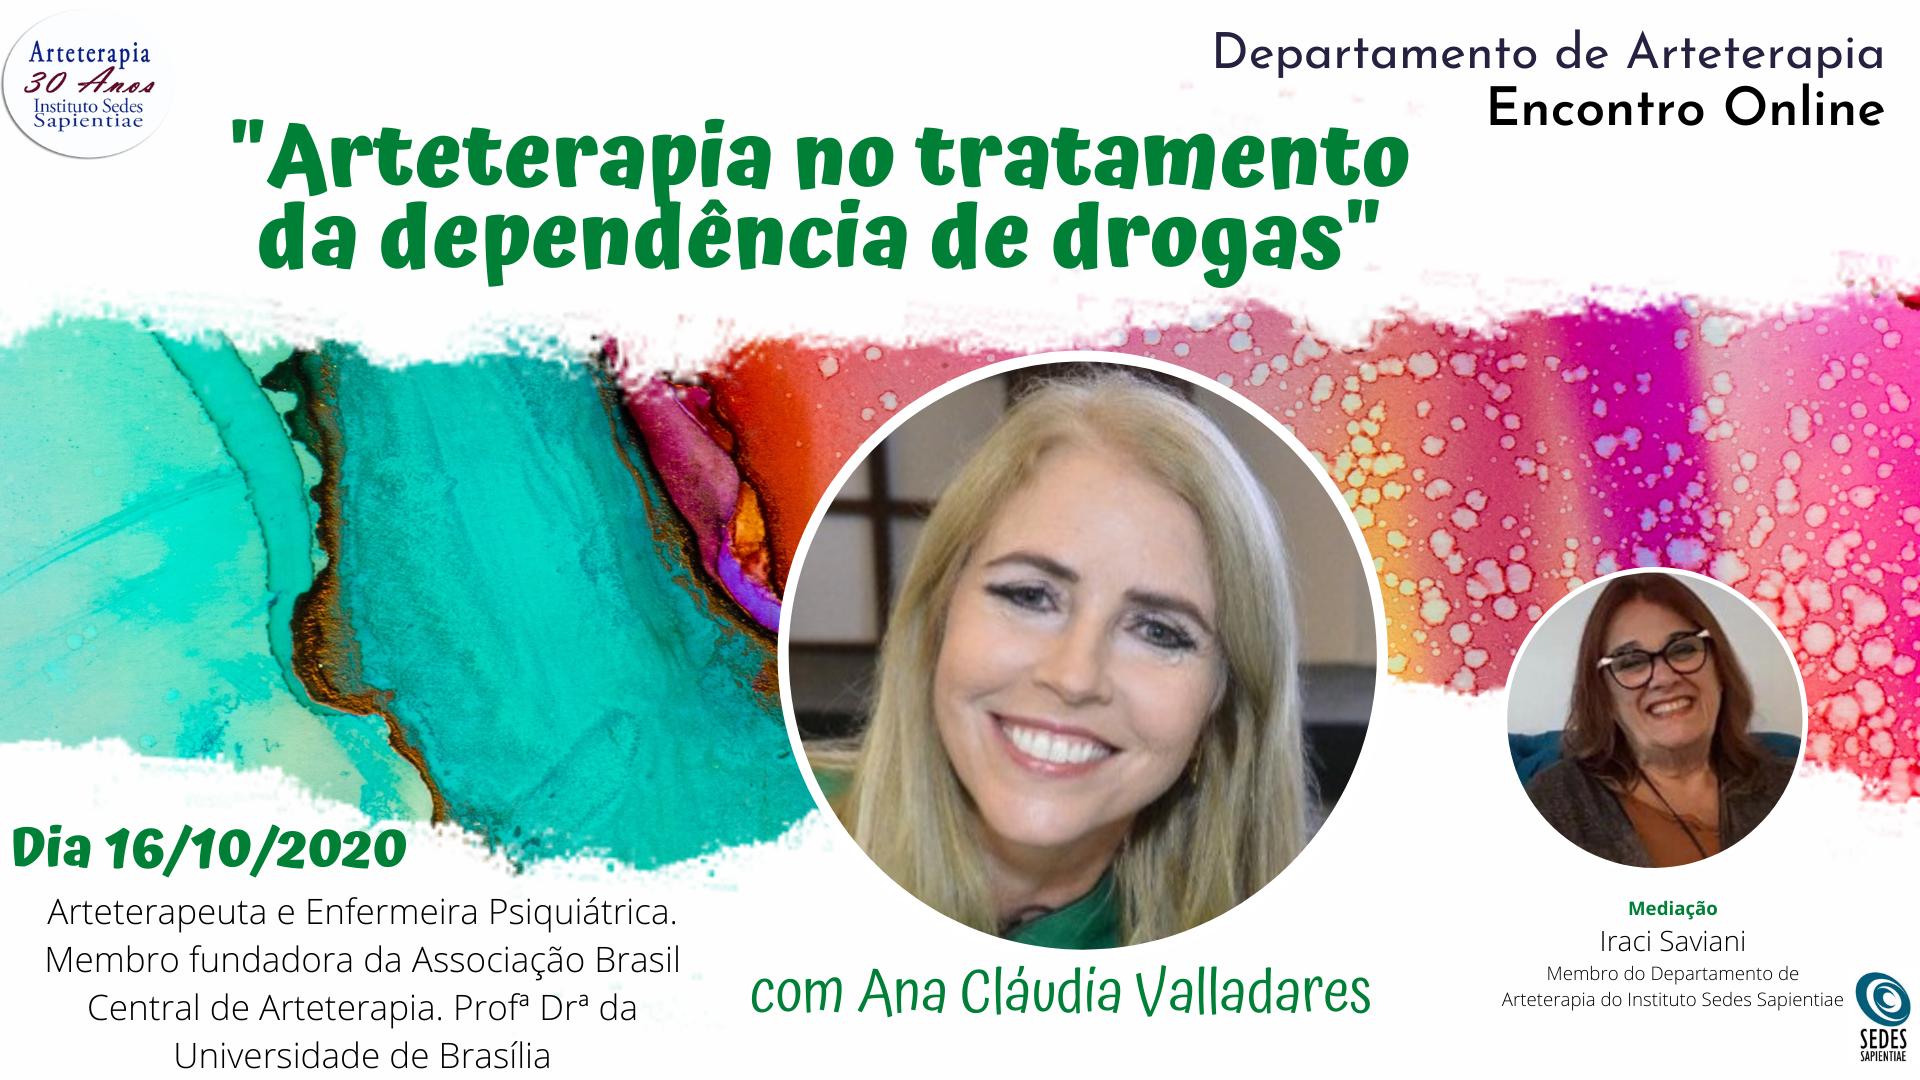 Arteterapia no tratamento da dependência de drogas com Ana Claudia Valladares